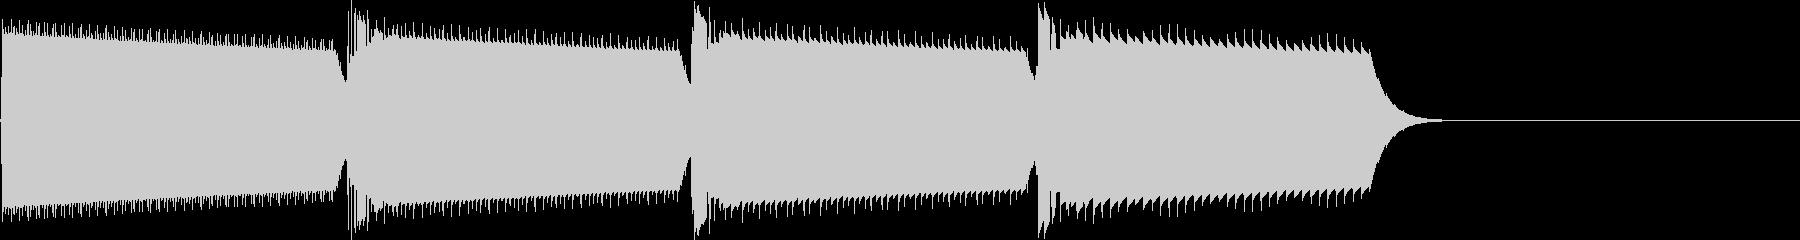 キャンセル音(ピロロロ)の未再生の波形